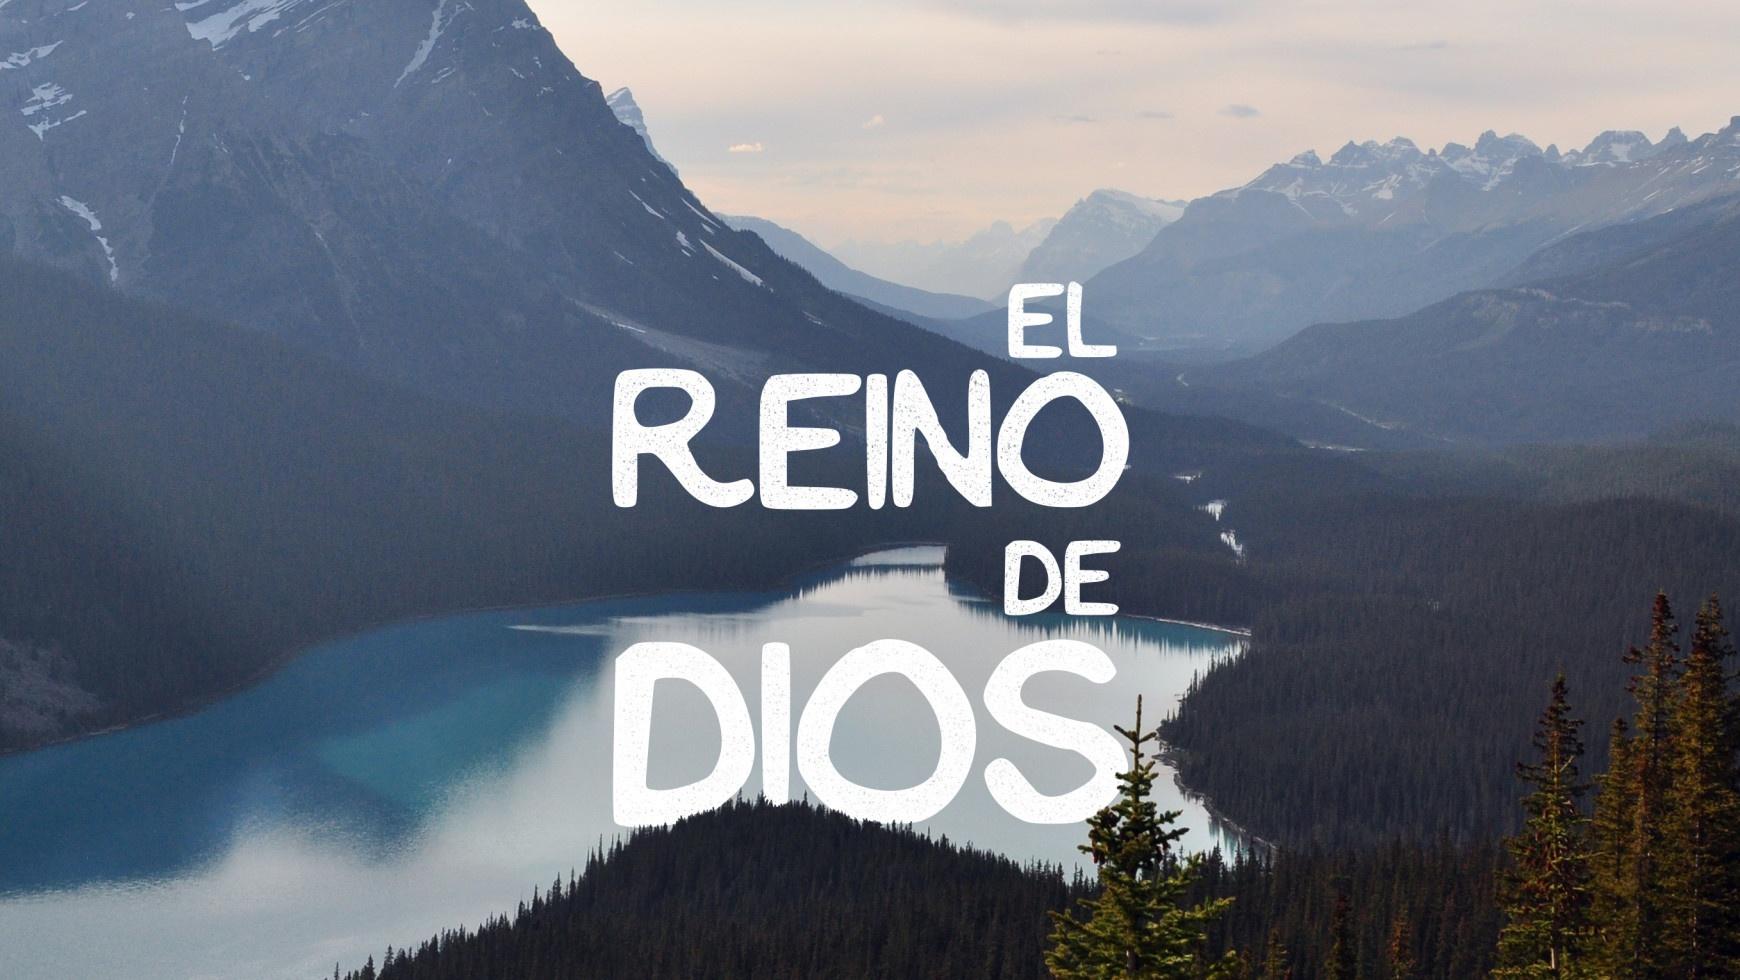 Predicacion: El reino de Dios (18/01/2015)